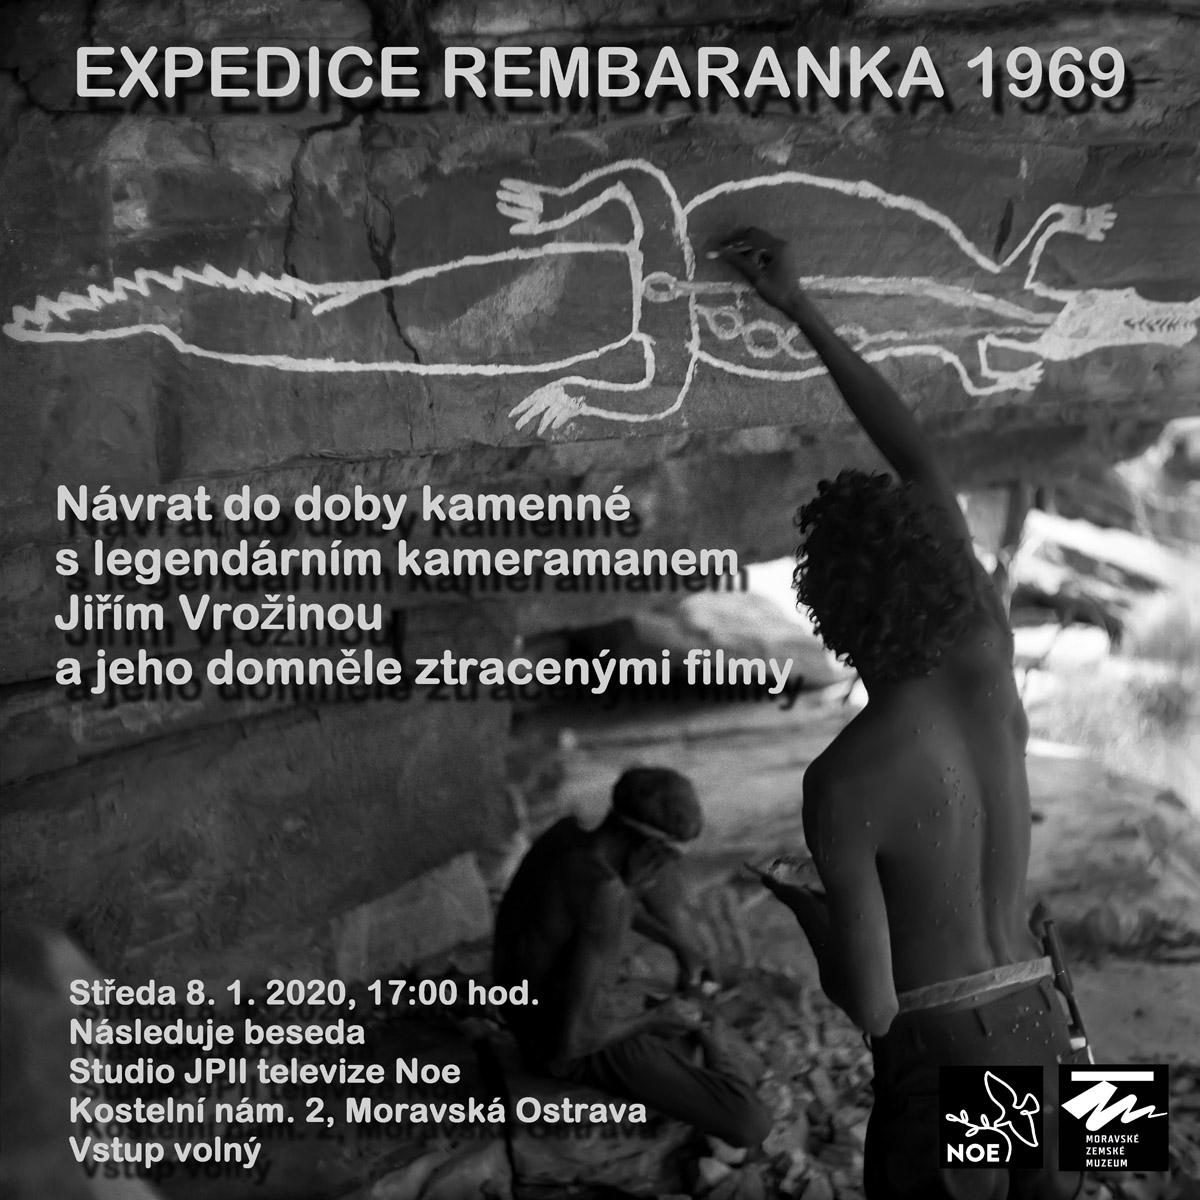 Pozvánka na ostravskou předpremiéru závěrečného dílu filmového cyklu Expedice Rembaranka 1969